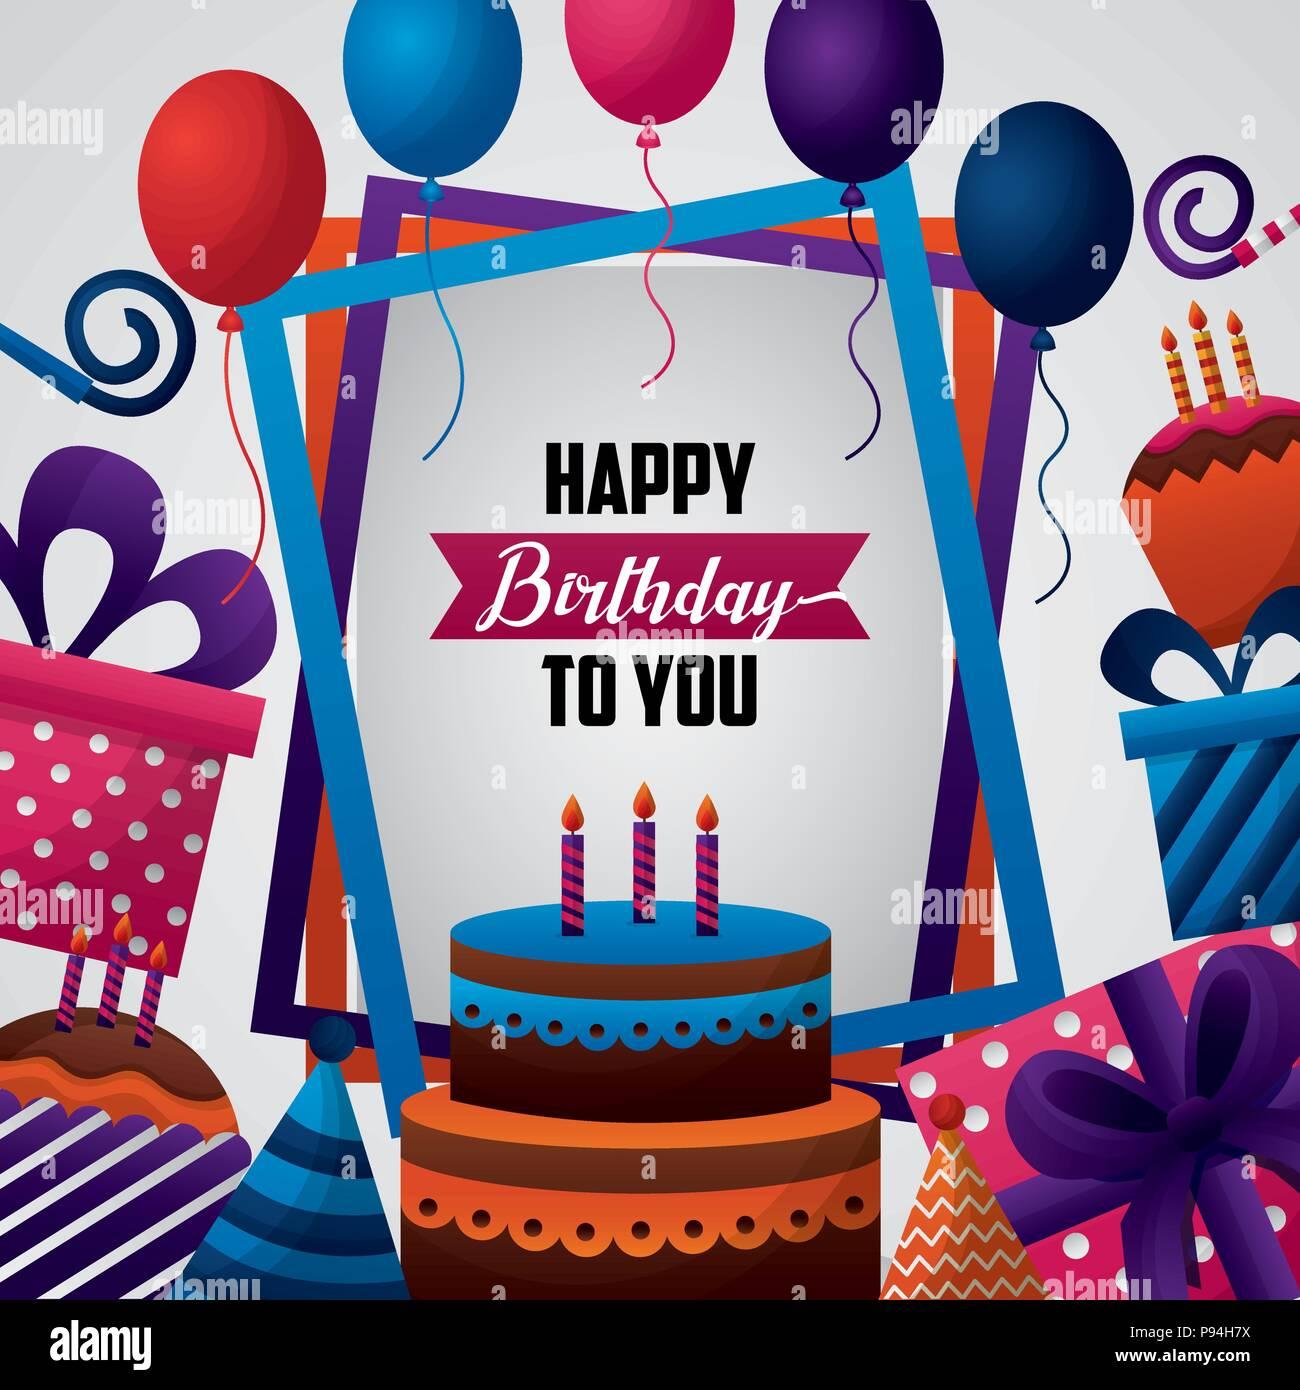 Happy Birthday Card Farben Frames Dekoration Anmelden Kuchen Candless Hute Geschenke Boxen Konfetti Vector Illustration